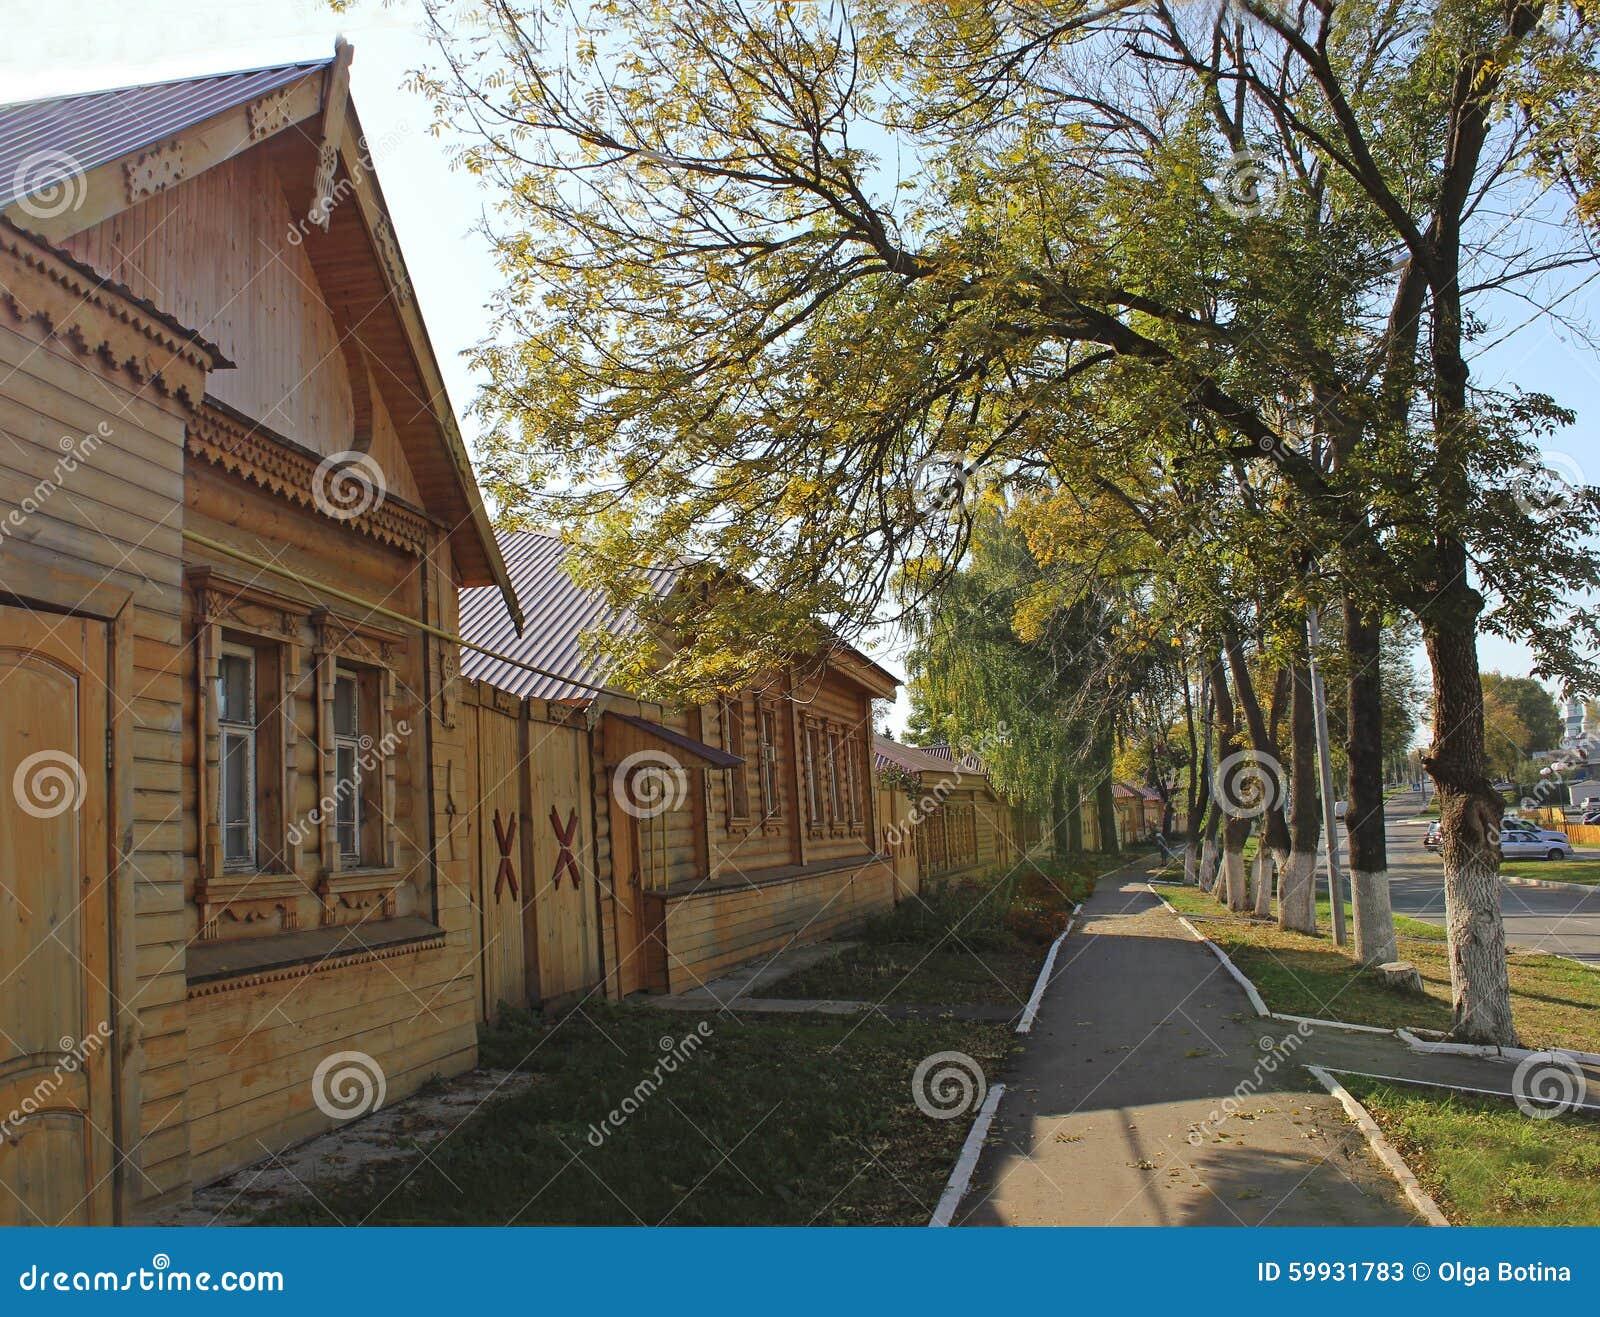 Drewniana architektury ulica